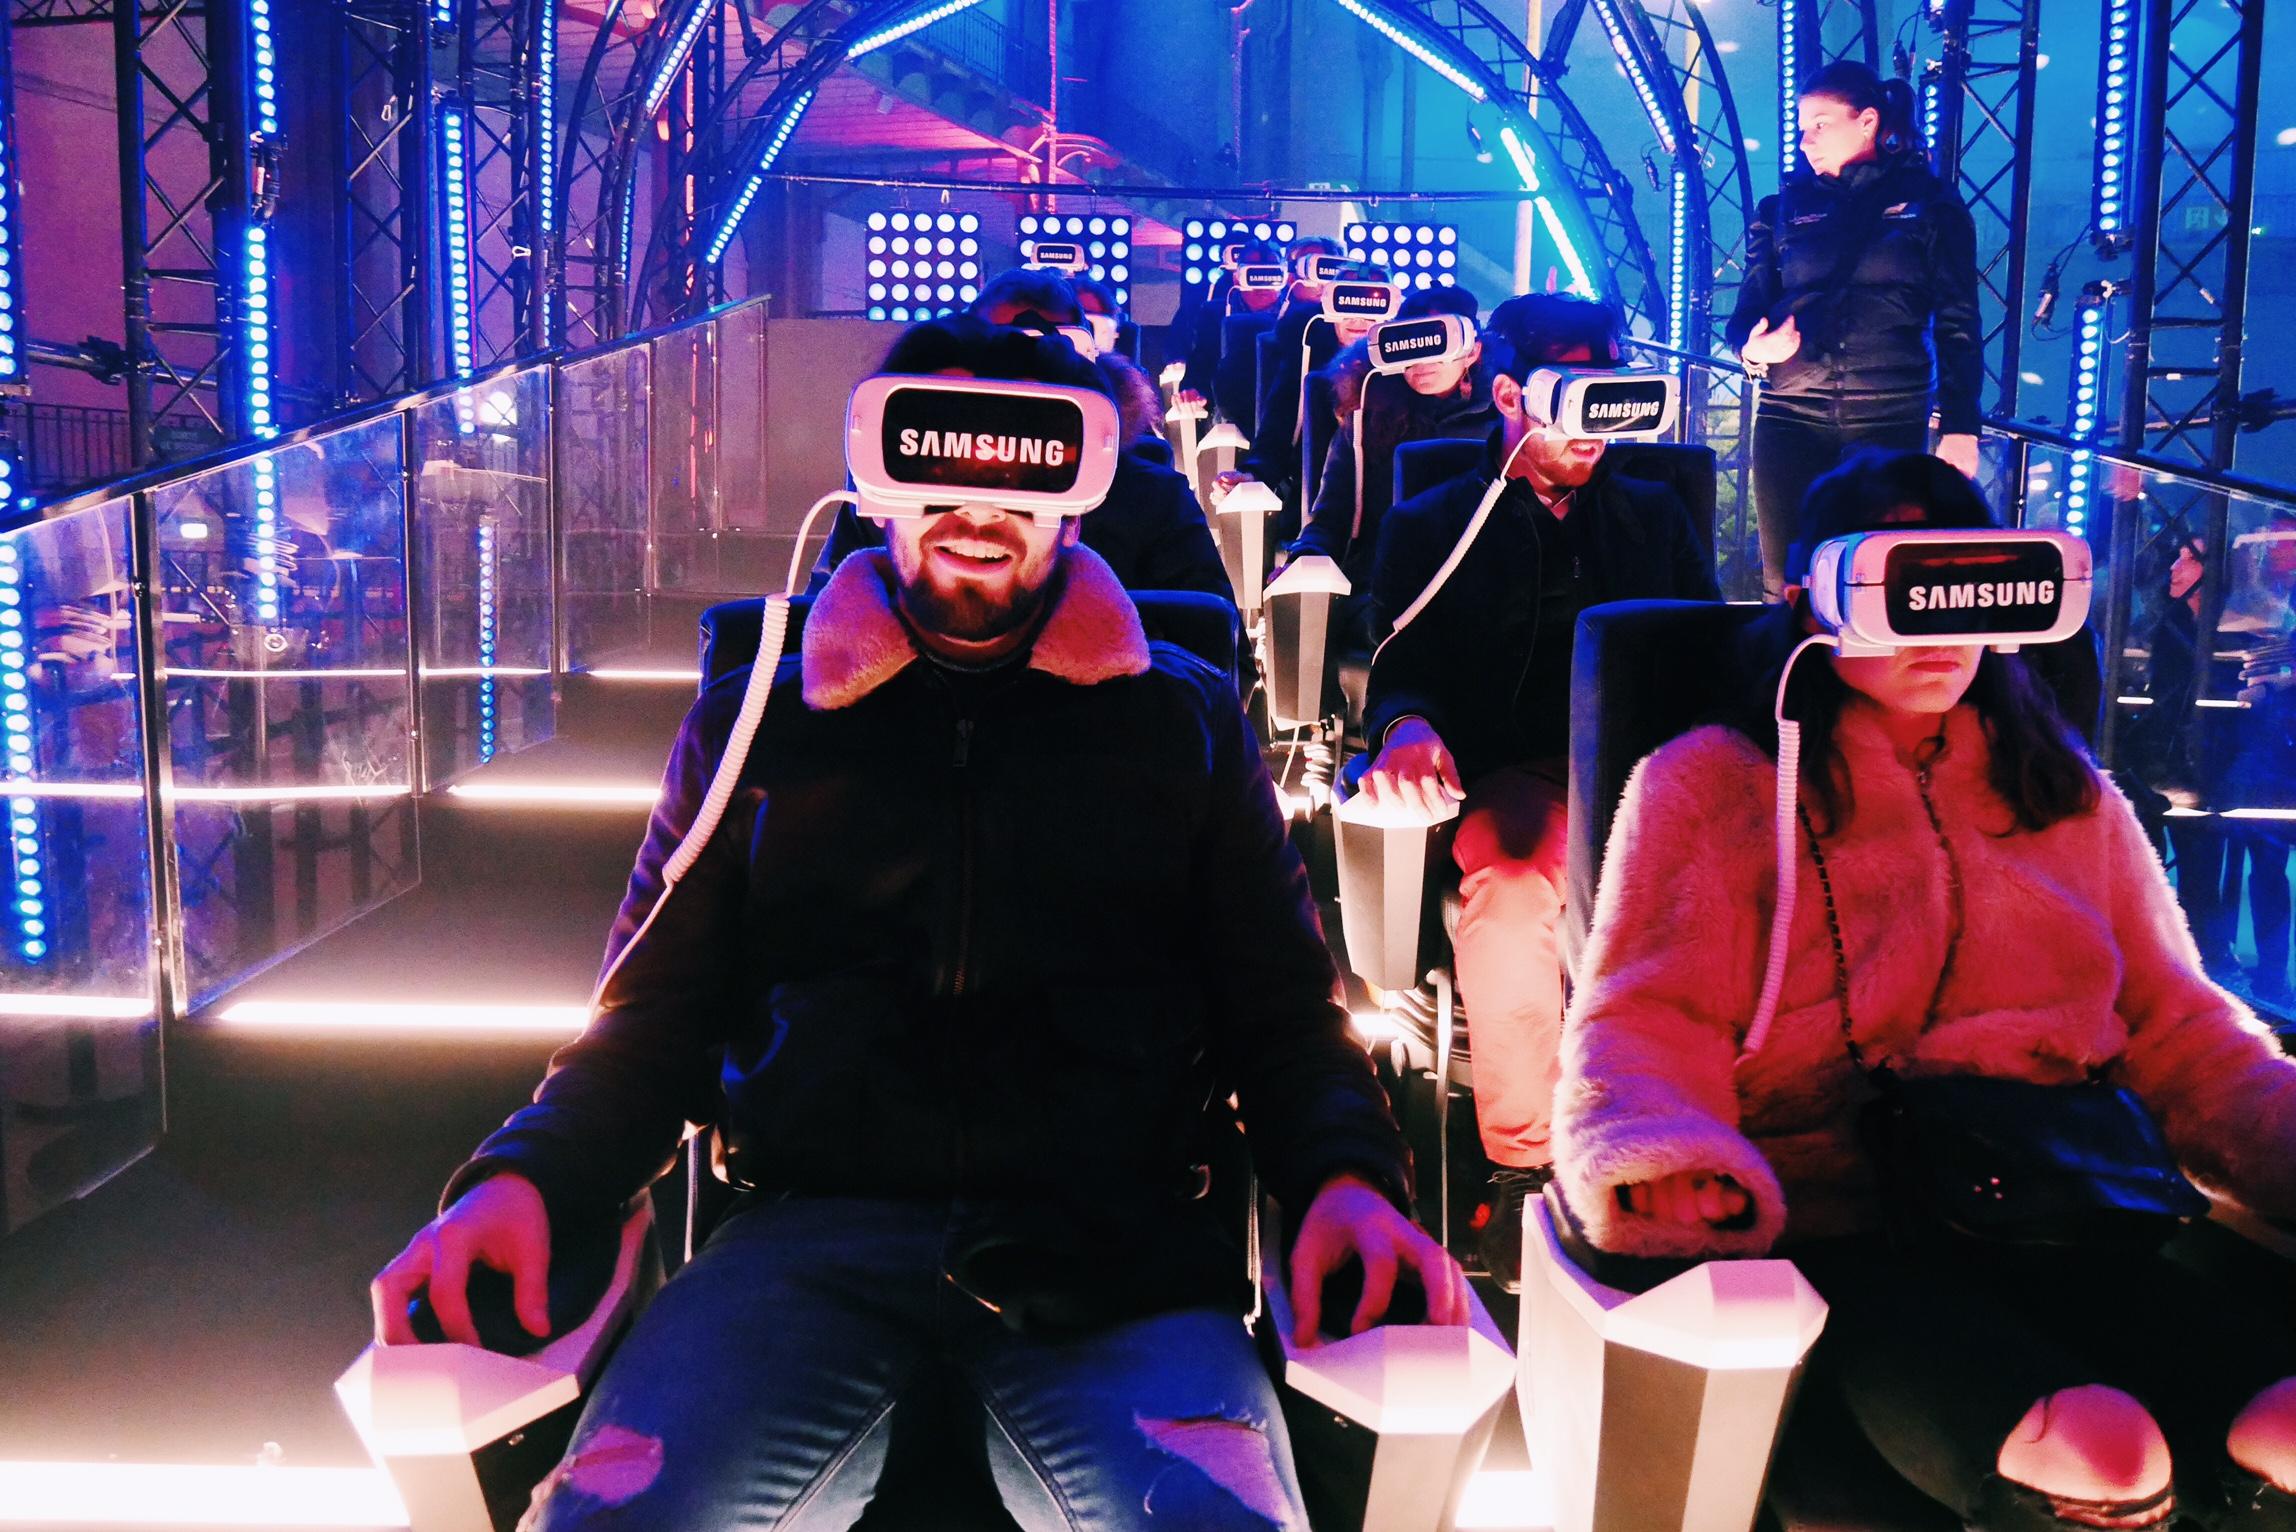 Grand-7-simulateur-montagnes-russes-Samsung-Life-Changer-Park-parc-réalité-virtuelle-Gear-VR-Grand-Palais-des-Glaces-Paris-photos-usofparis-blog